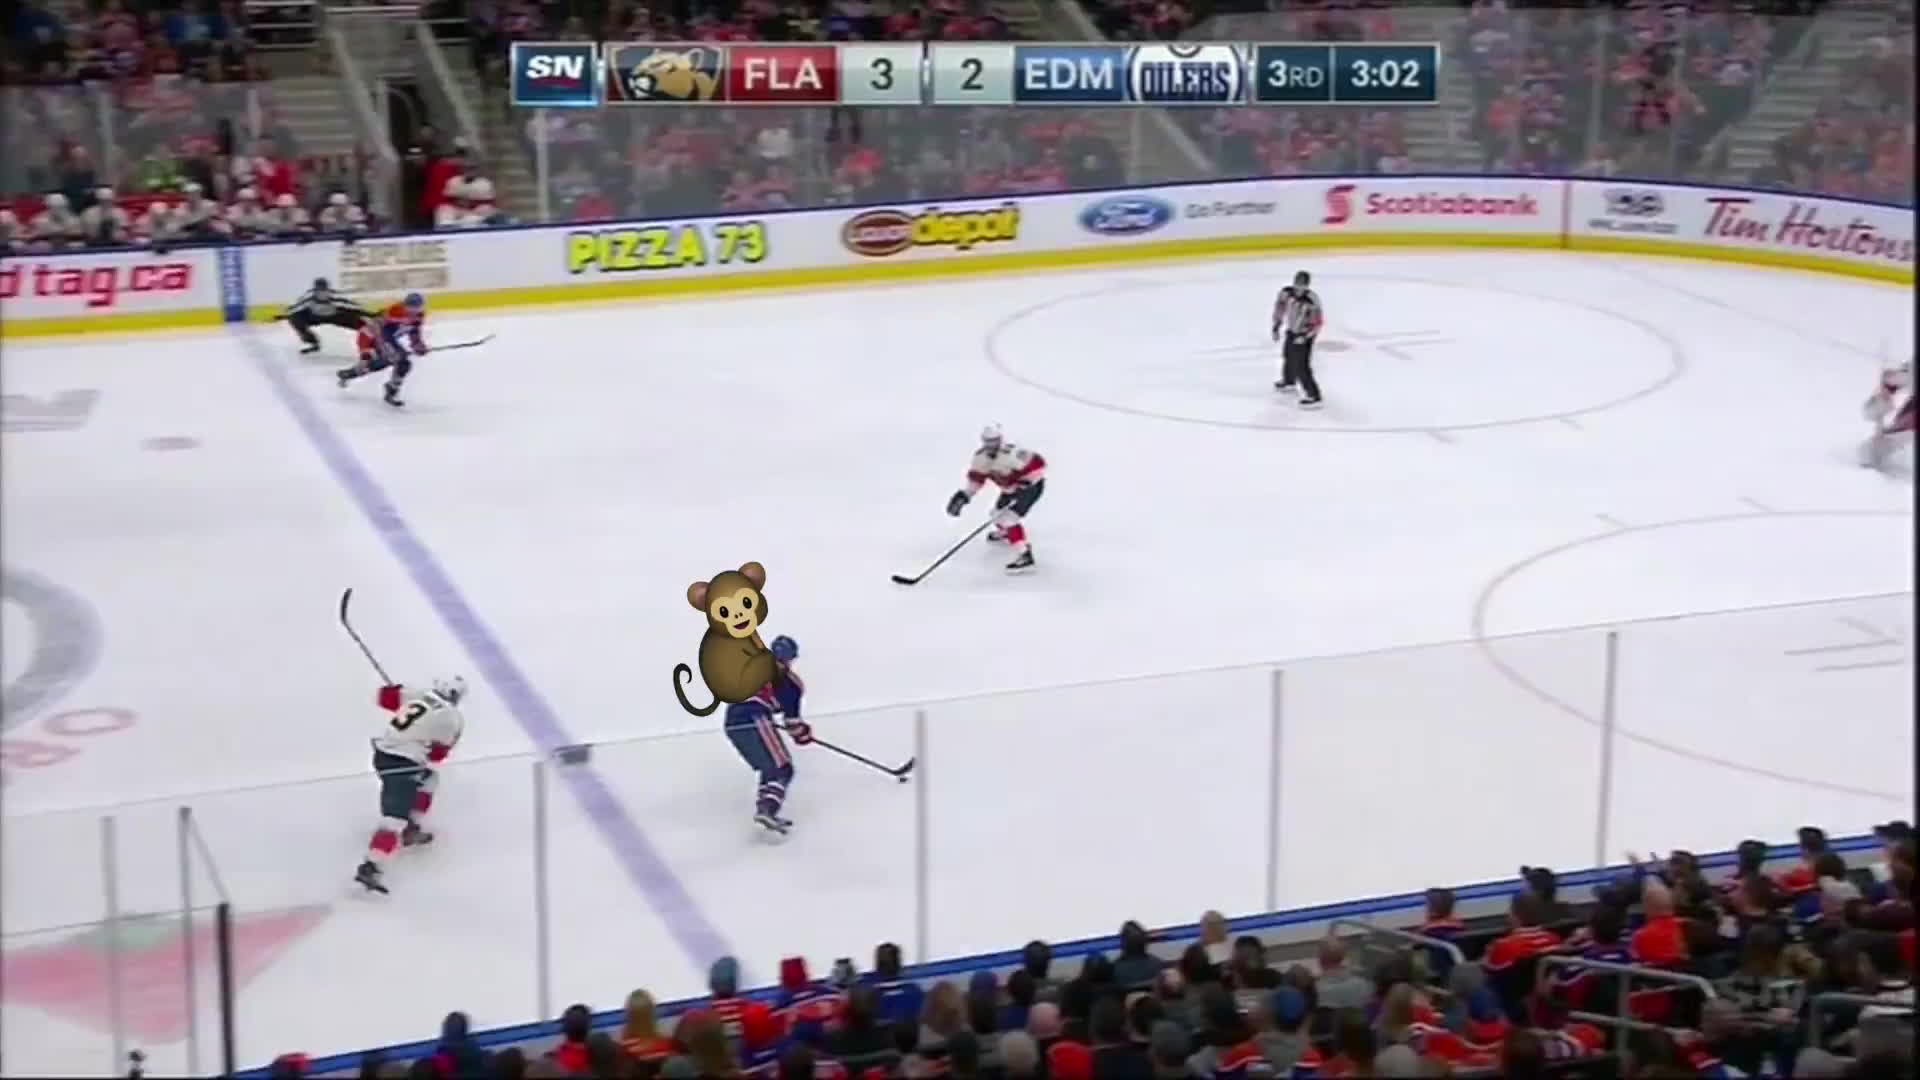 EdmontonOilers, edmontonoilers, Eberle gets the monkey off his back GIFs